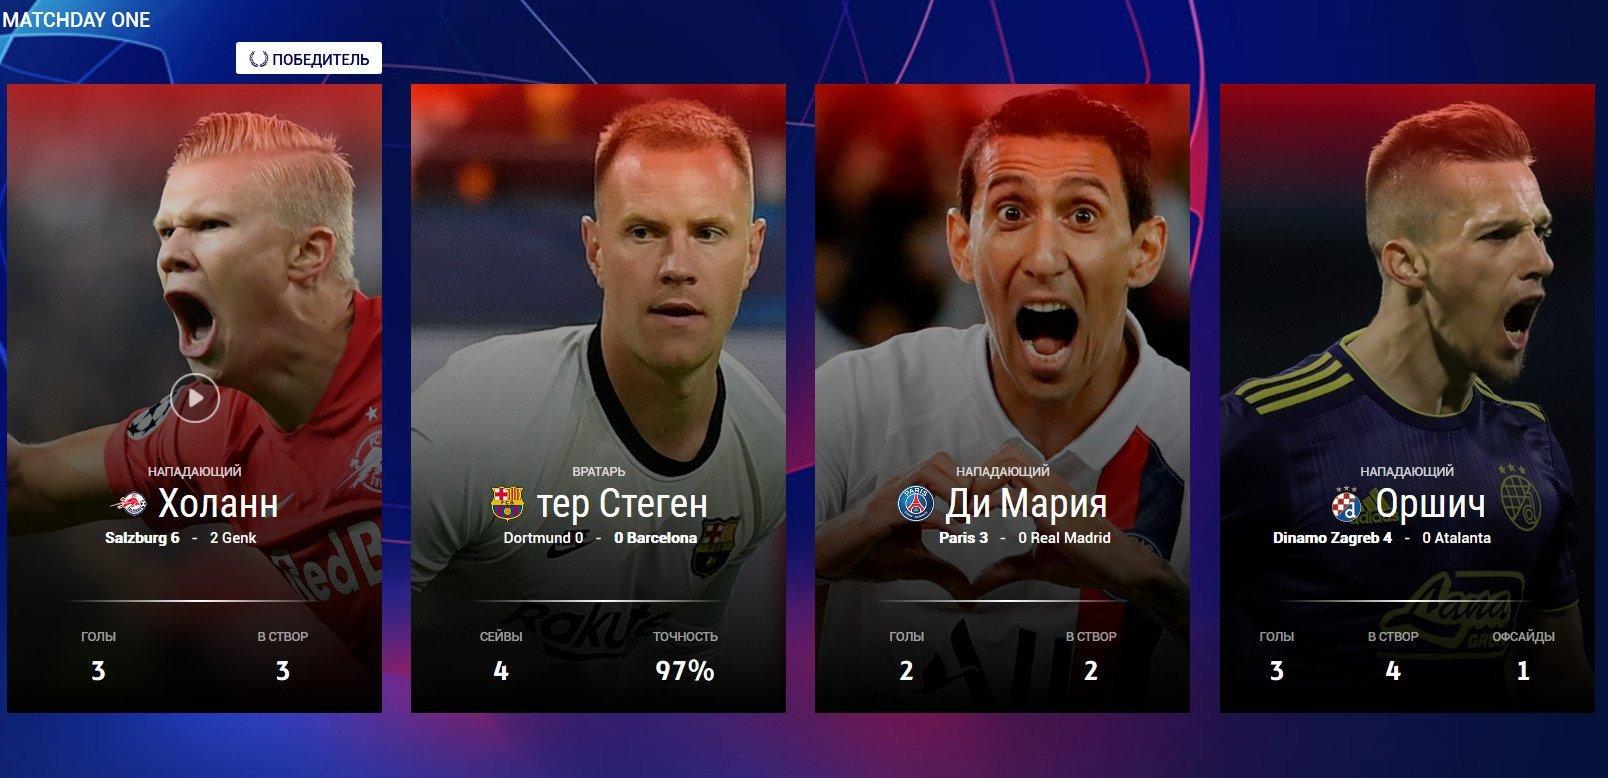 УЕФА объявил имя лучшего игрока 1-го тура группового этапа Лиги чемпионов - изображение 1